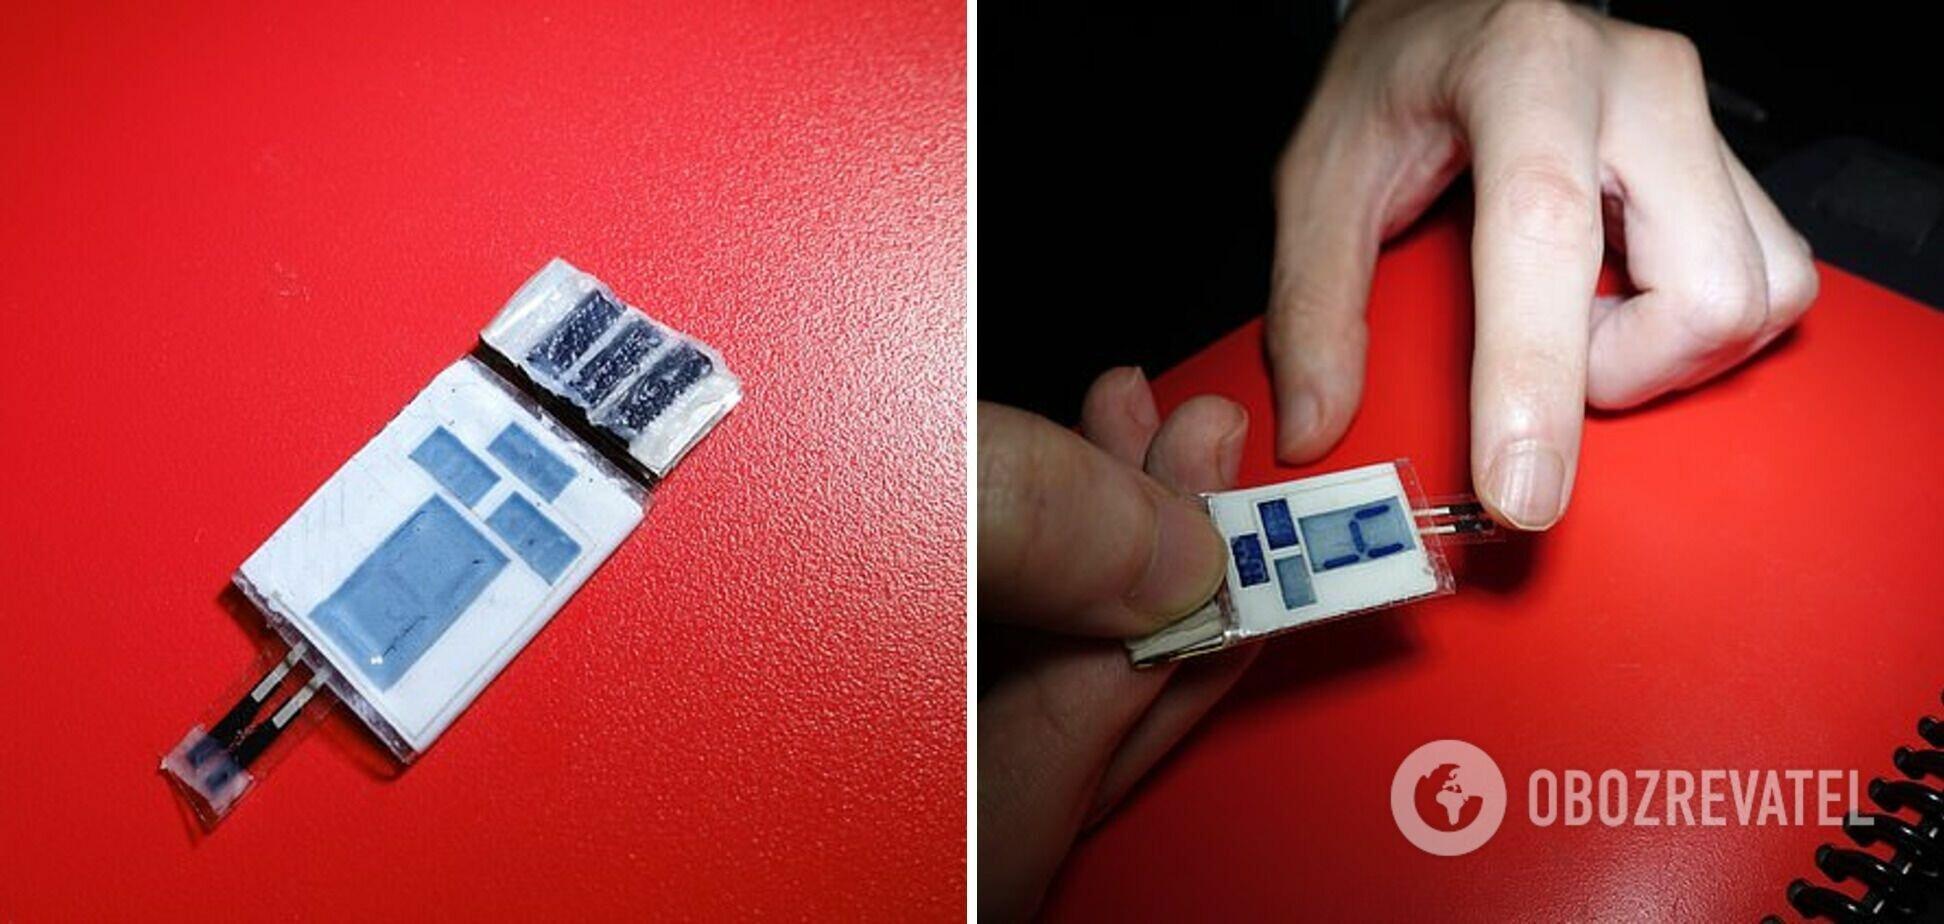 Зарядка оснащена электродами из угольной пены, которая поглощает пот пальцев